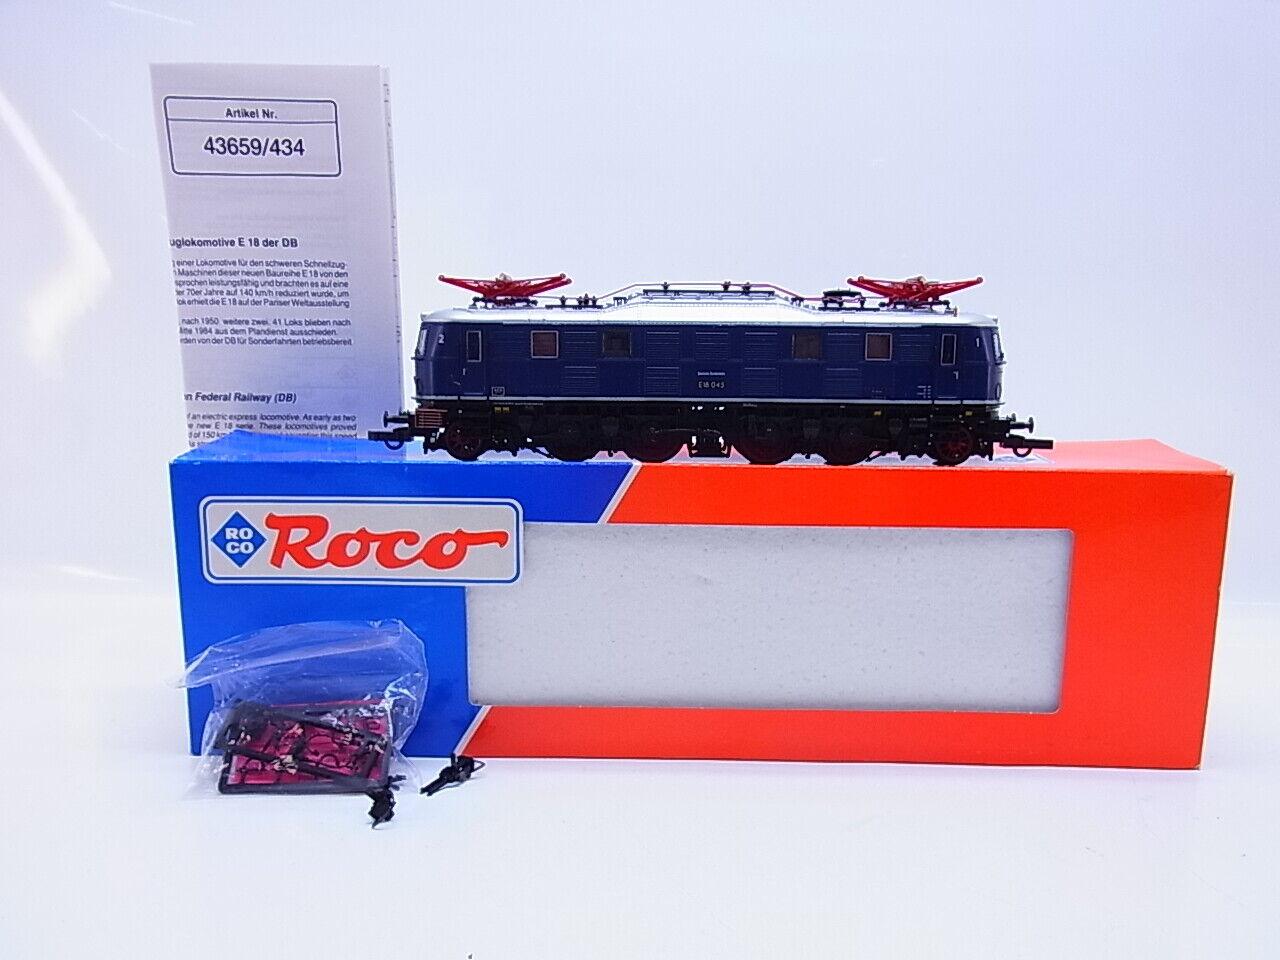 Lot 58628   Roco H0 43659 E-Locomotive BR E18 DB Mint In Original Box